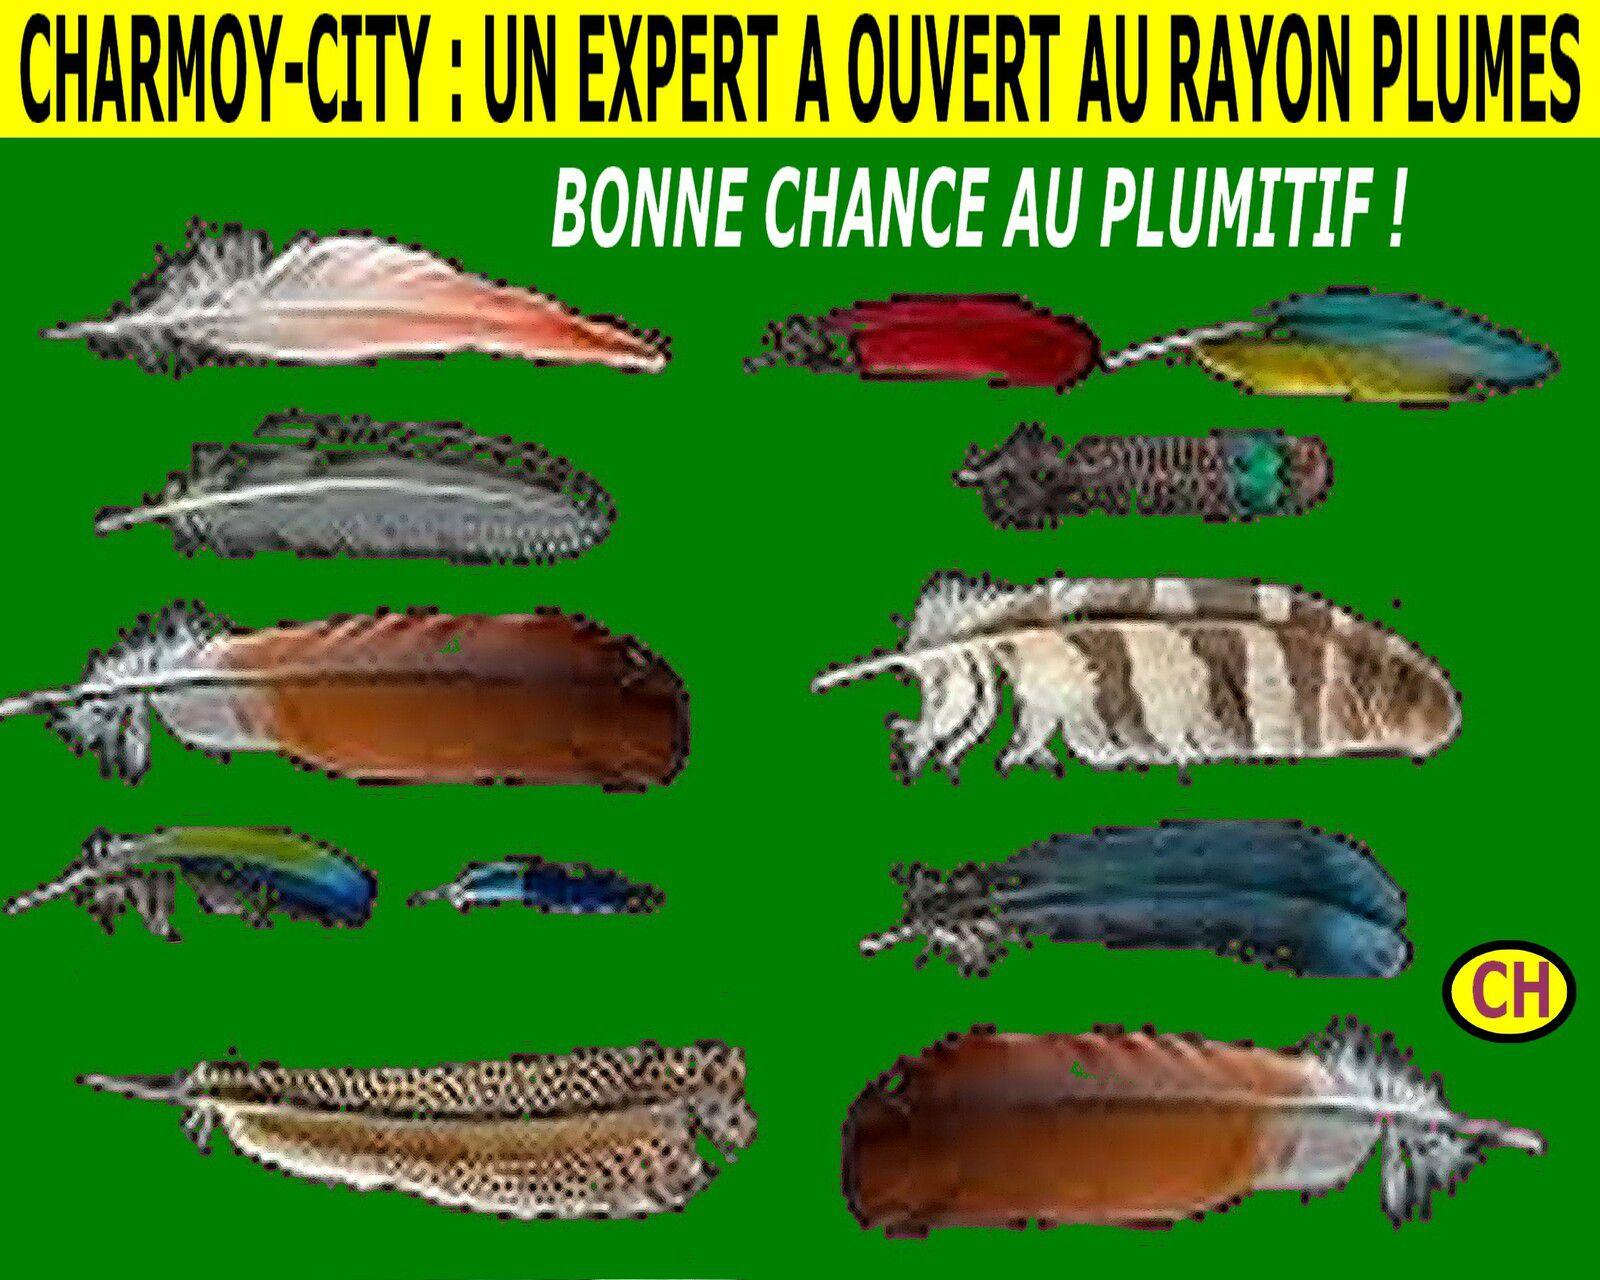 CHARMOY-CITY : QUAND L'EXPERT EN PLUMES TUTOIE SON EX-PRÉSIDENT - du 12 octobre 2021 (J+4682 après le vote négatif fondateur)